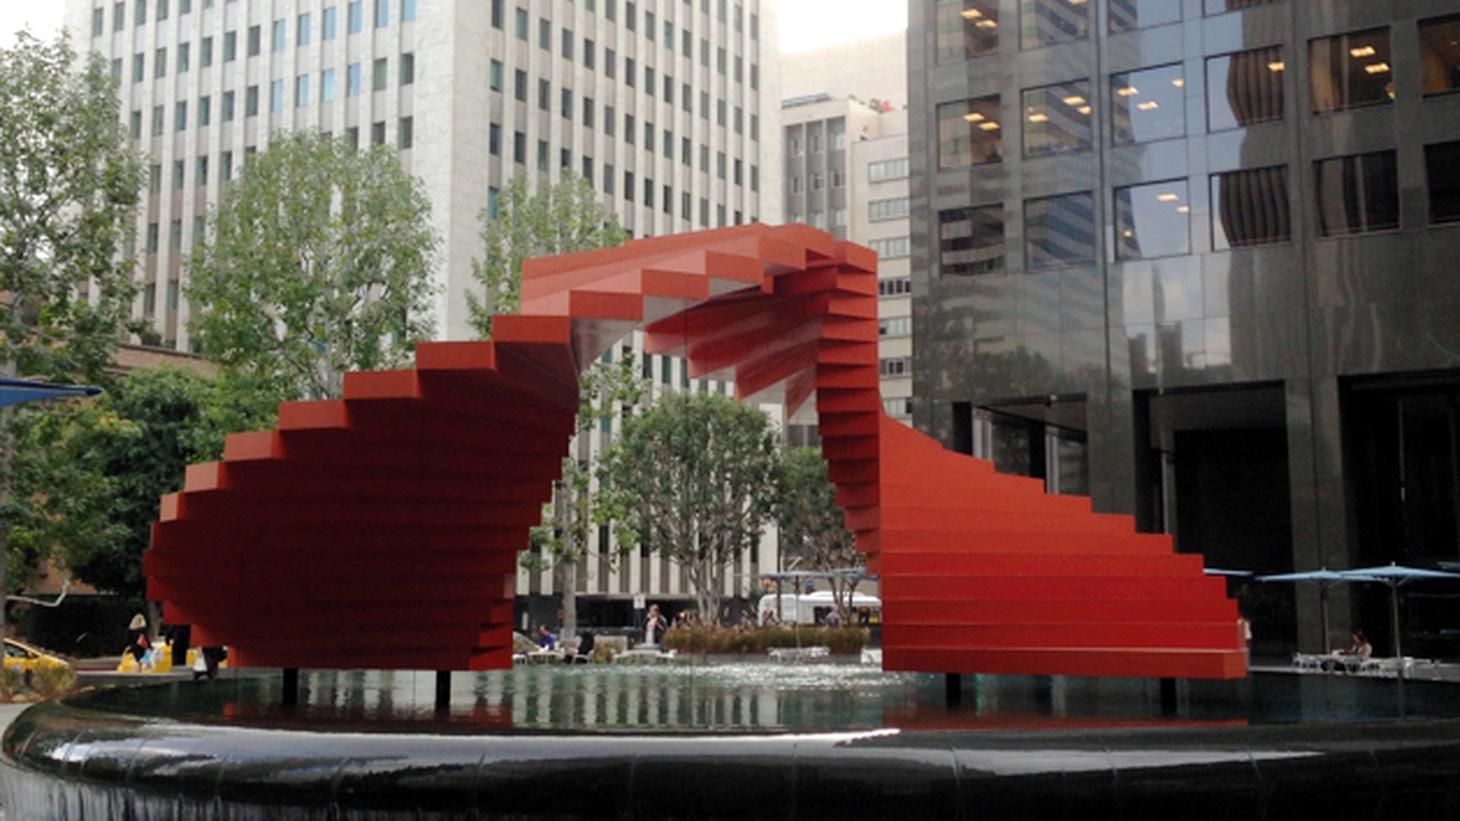 Edward Goldman recommends public art gems hidden in plain sight in the heart of Downtown LA.